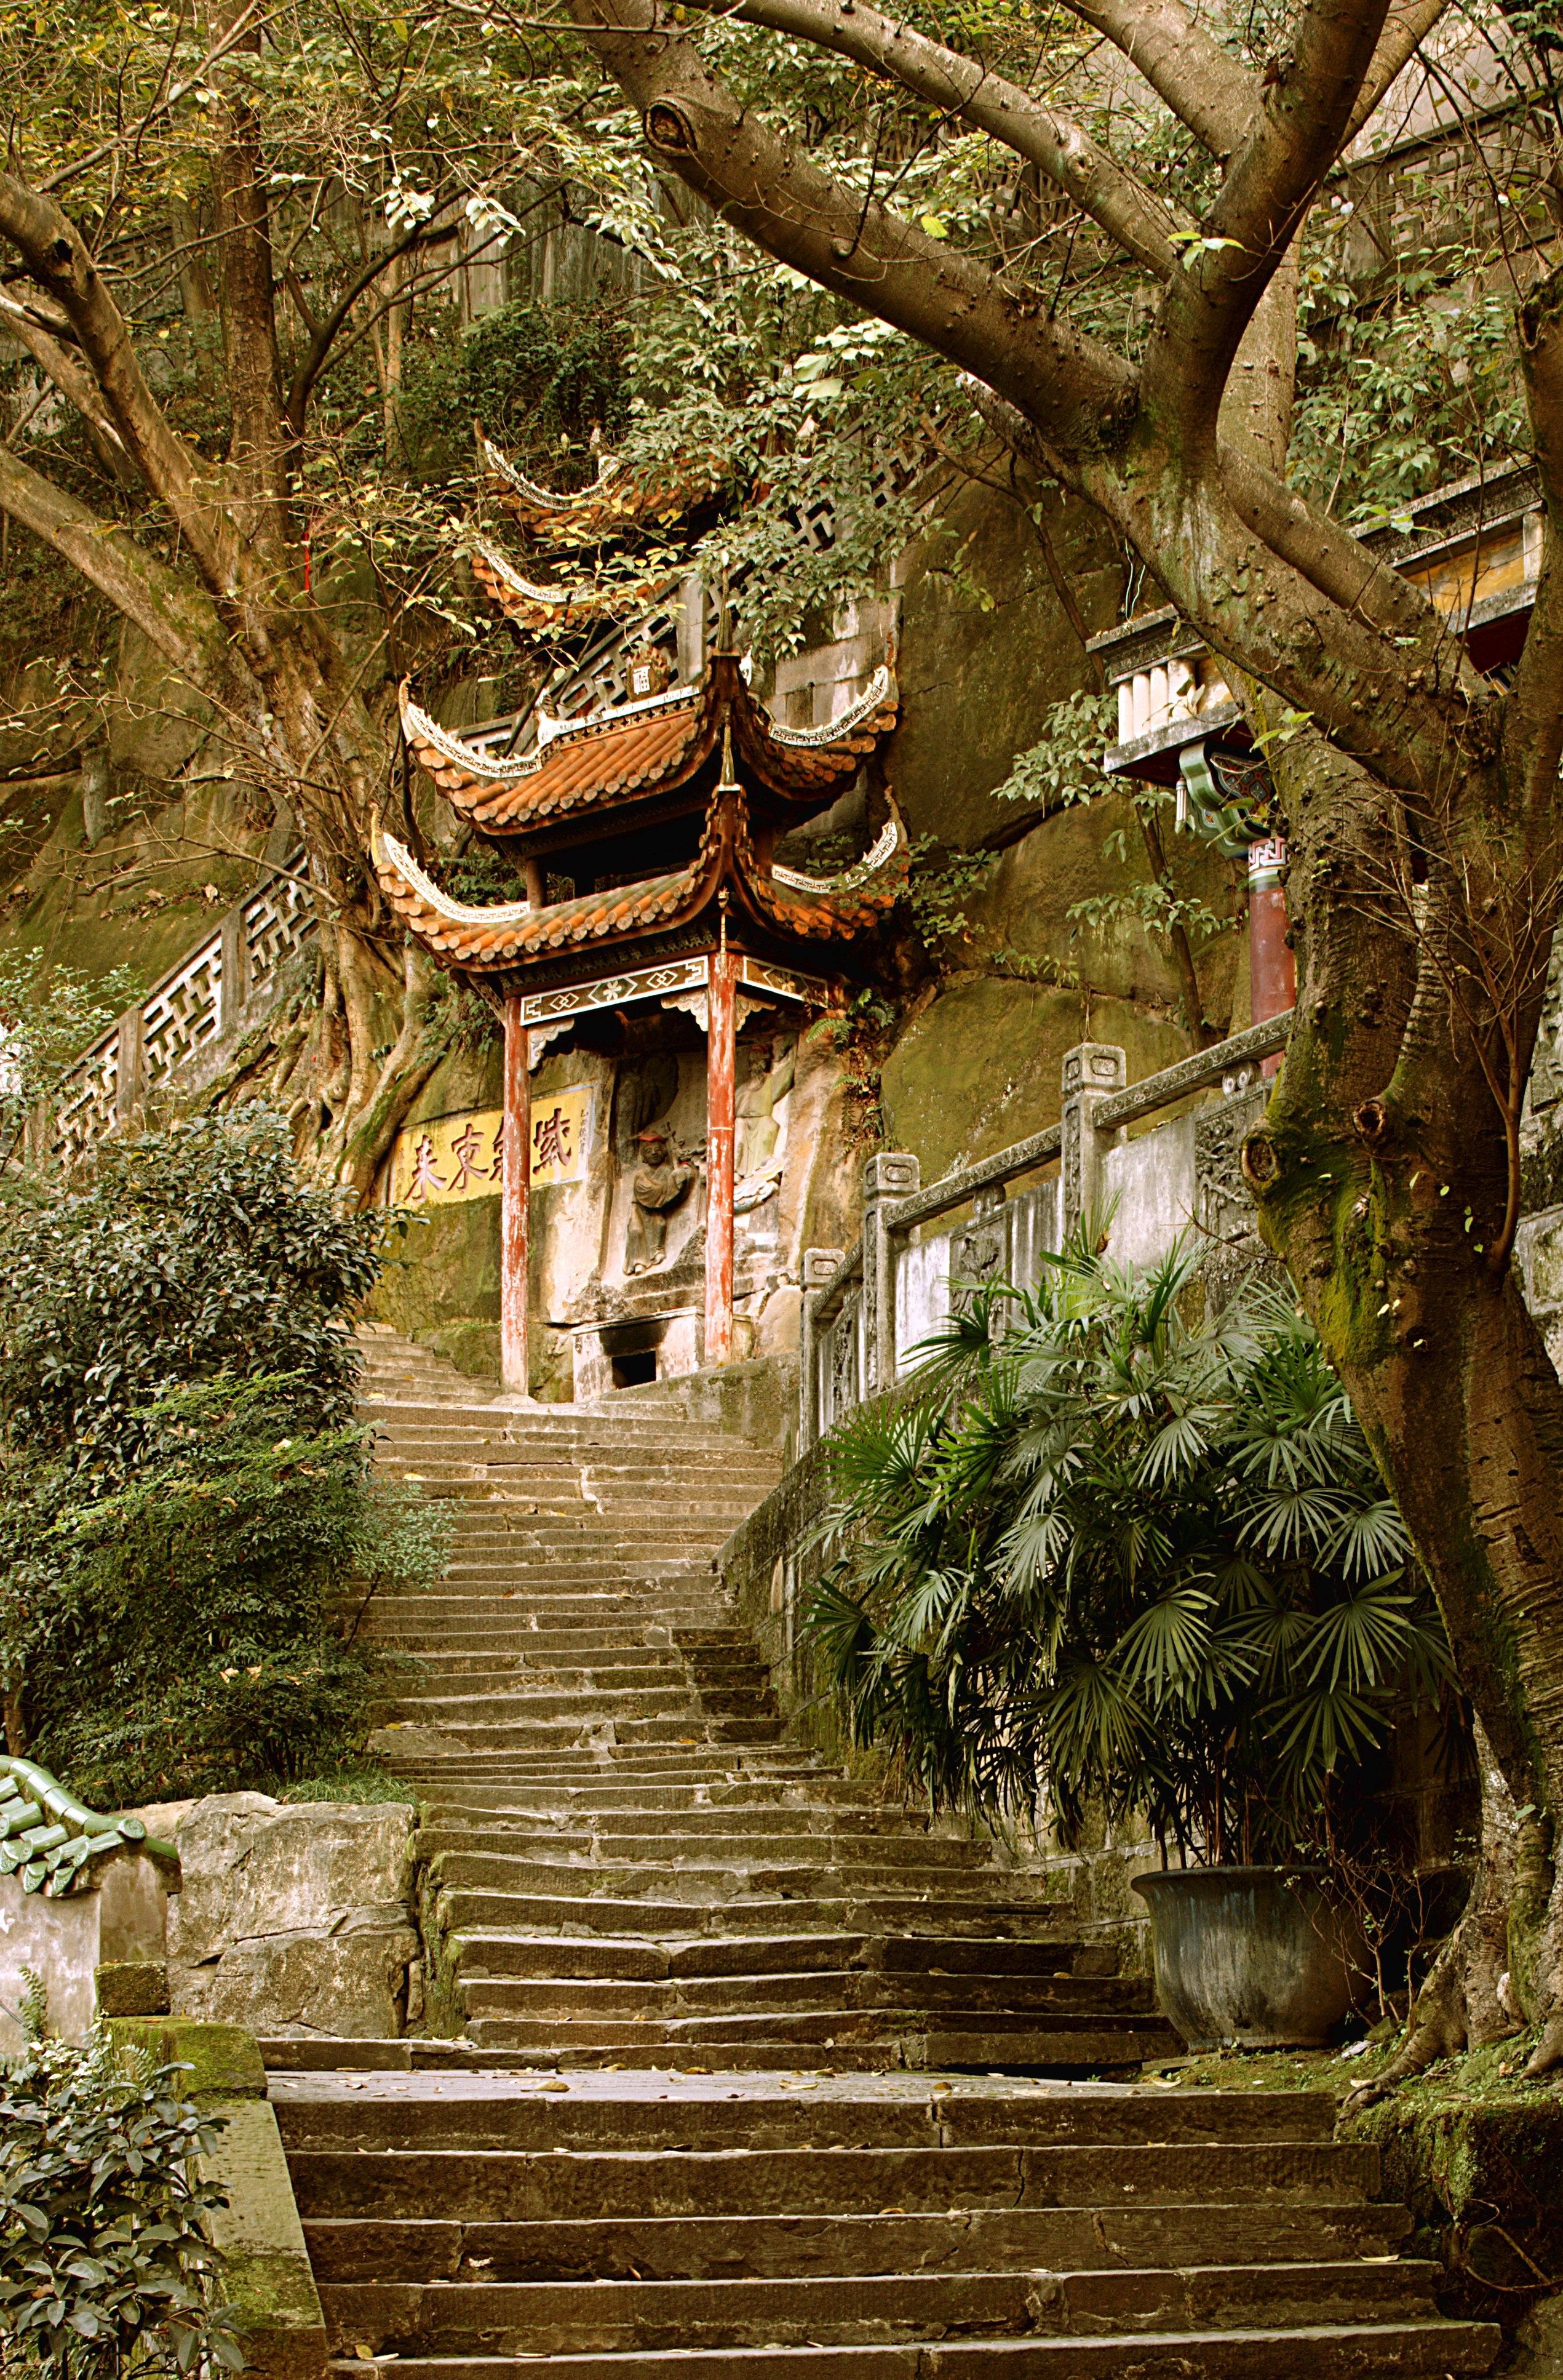 Gratuites arbre fleur pas Voyage chinois jungle